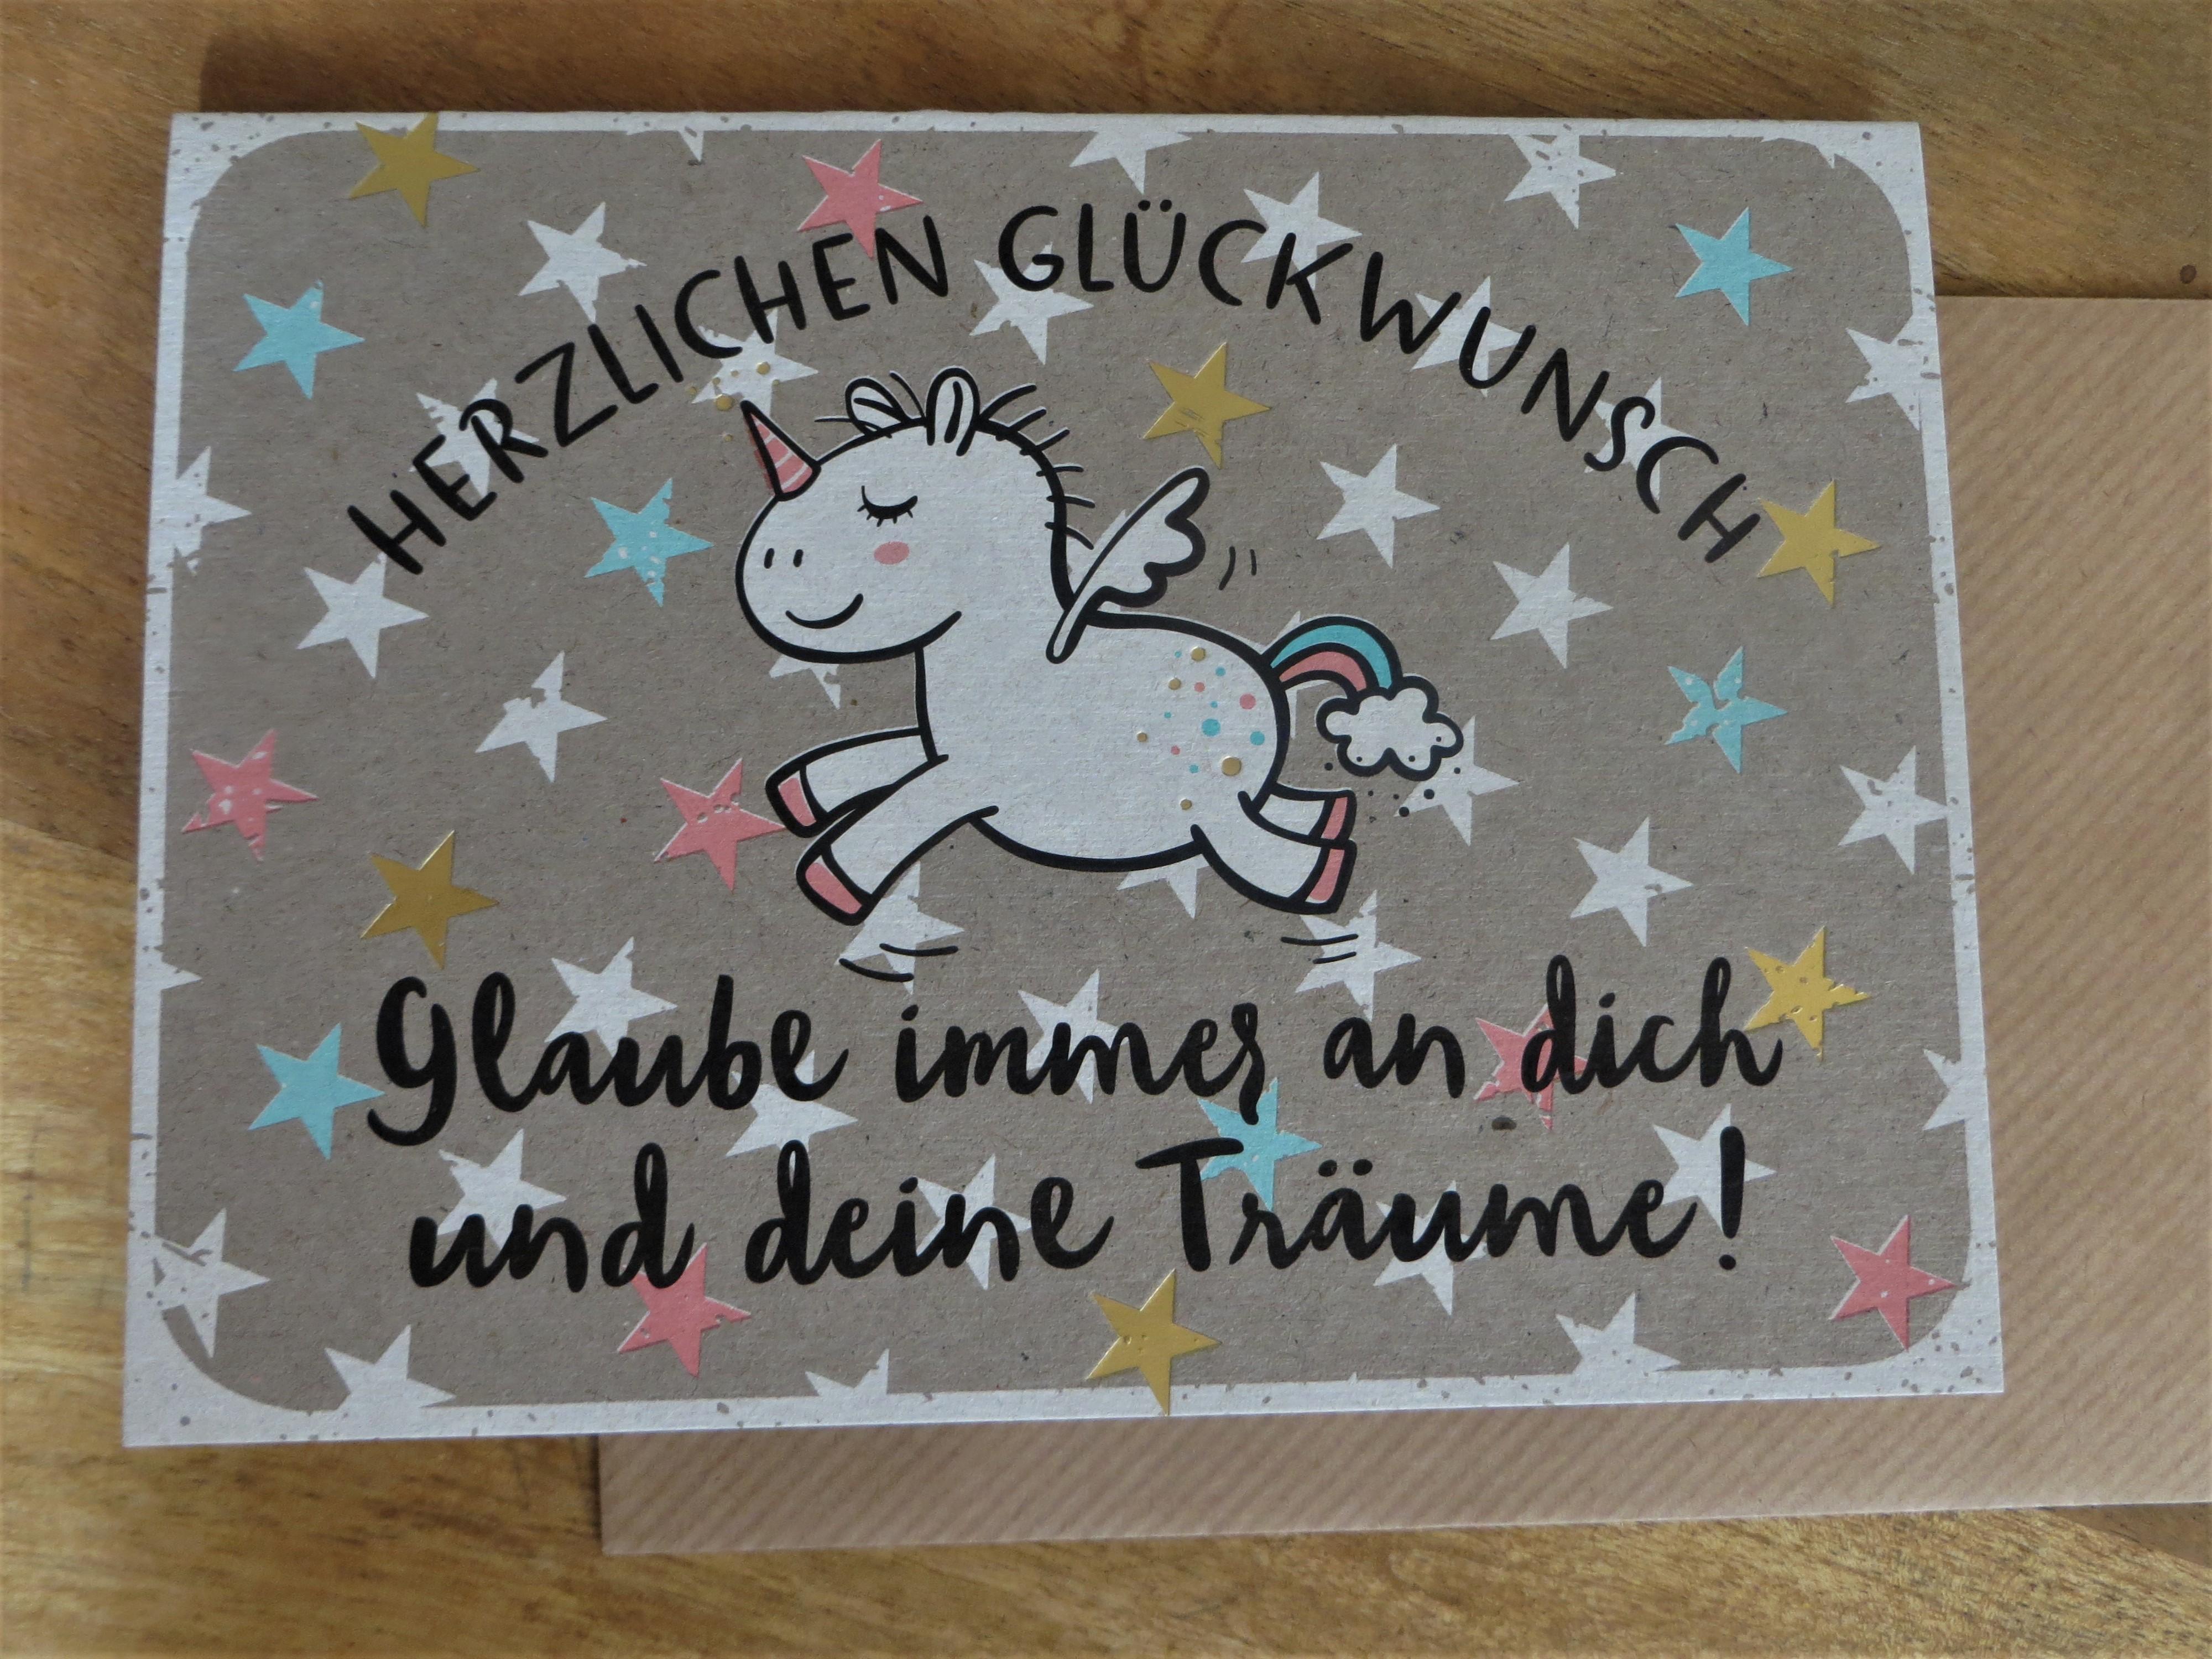 Klappkarte Umschlagkarte Herzlichen Glückwunsch Glaube immer an dich... KUNST und BILD